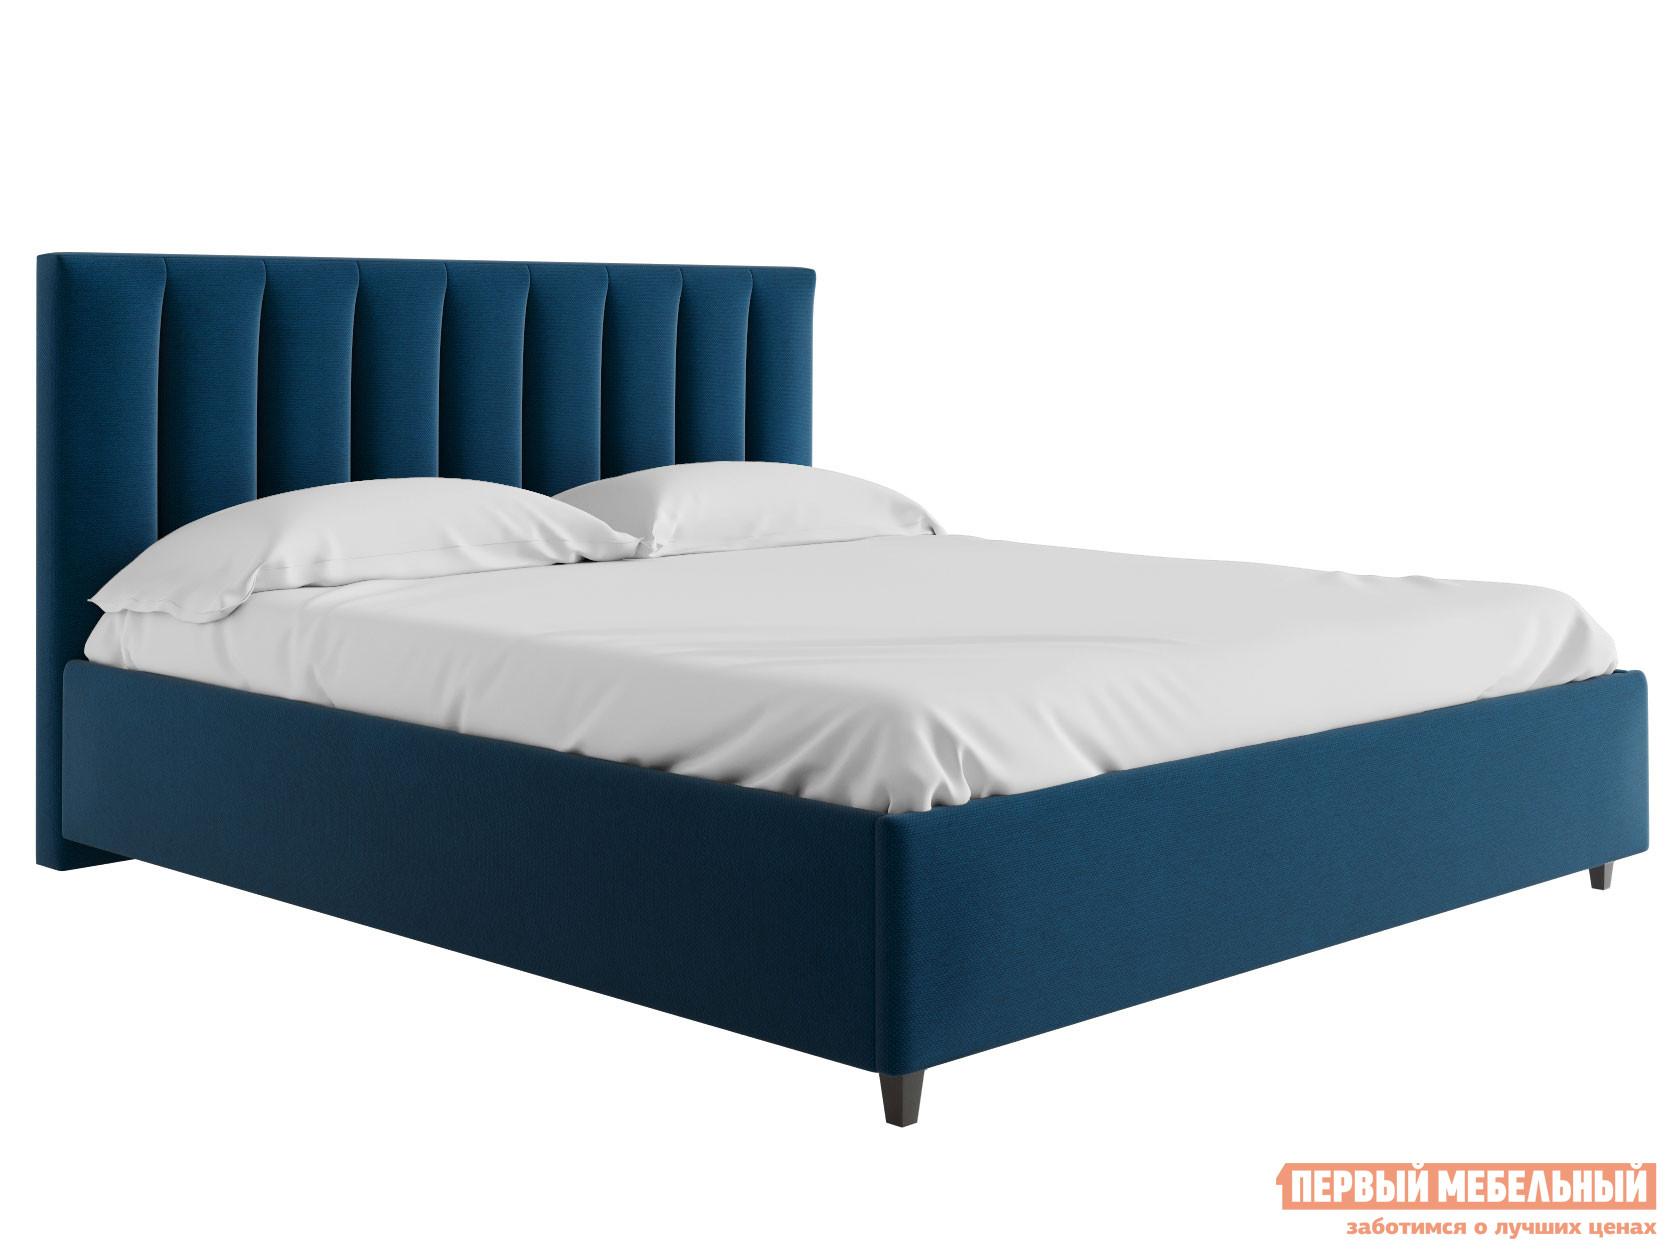 Двуспальная кровать  Кровать с подъемным механизмом Ванесса Синий, рогожка, 1400 Х 2000 мм